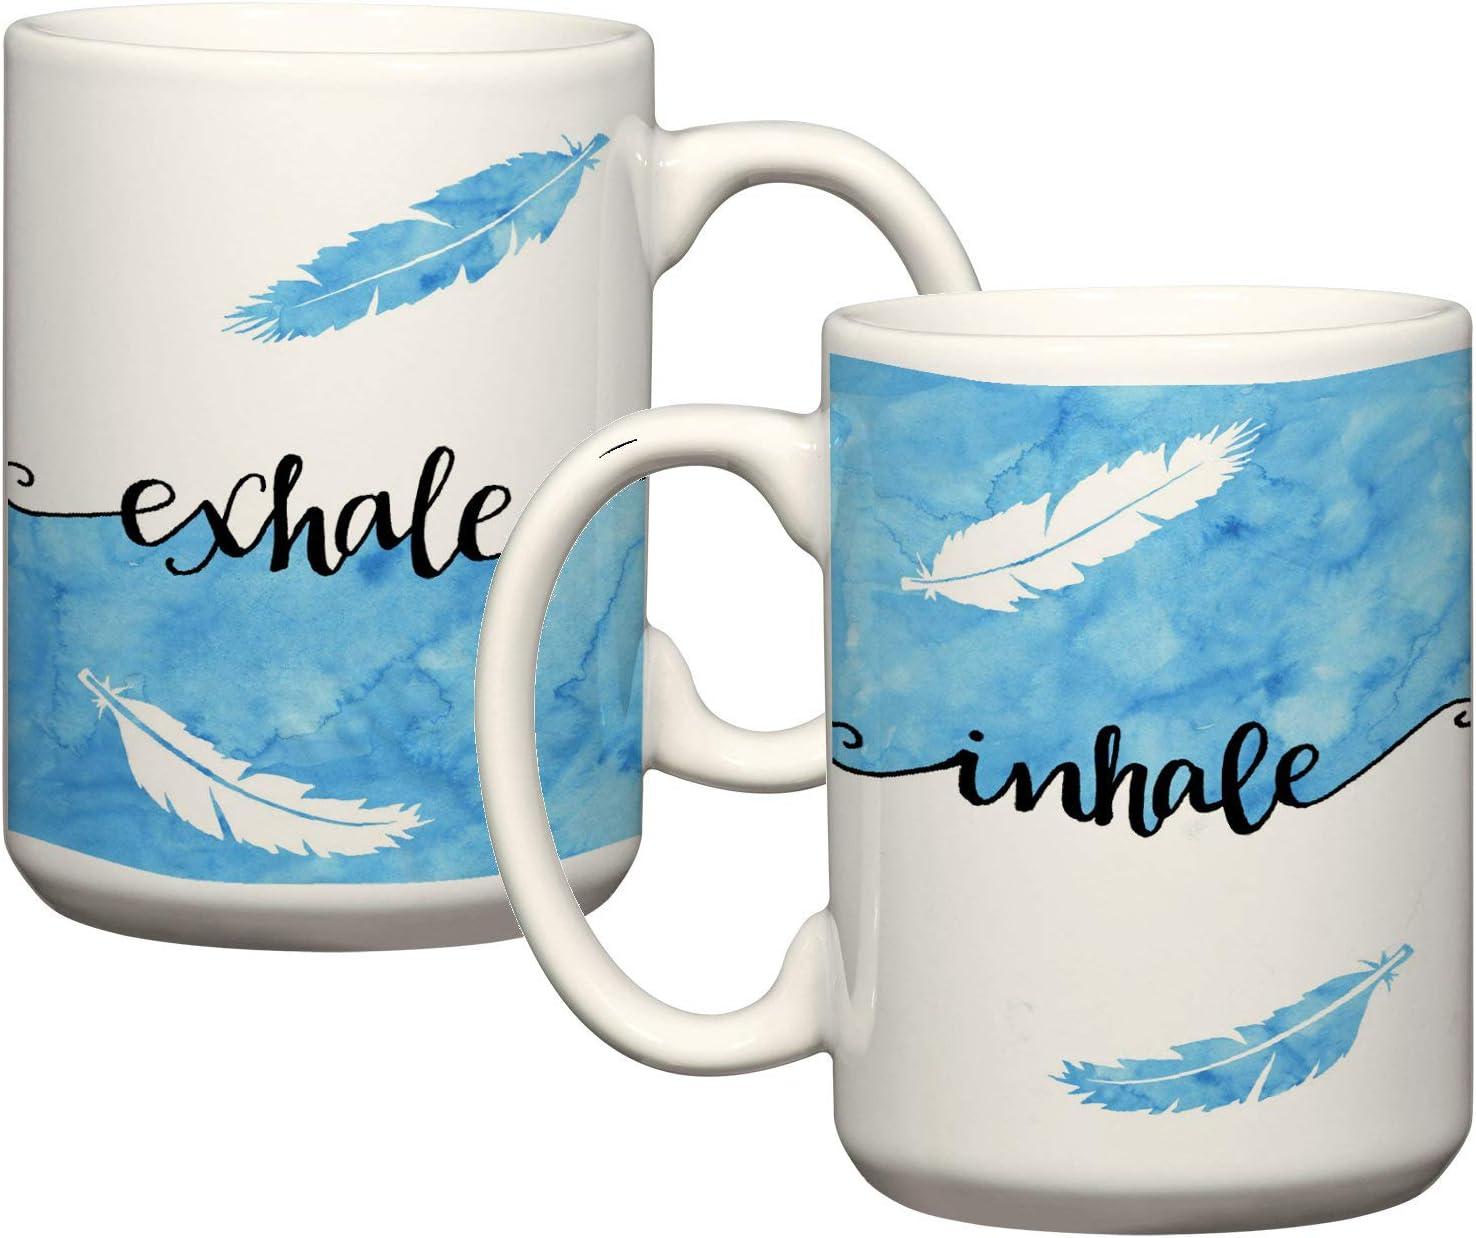 Taza de café inspiradora Inhale Exhale, taza de café zen cita taza de café relajante regalo para profesores de yoga, meditación regalos Just Breathe